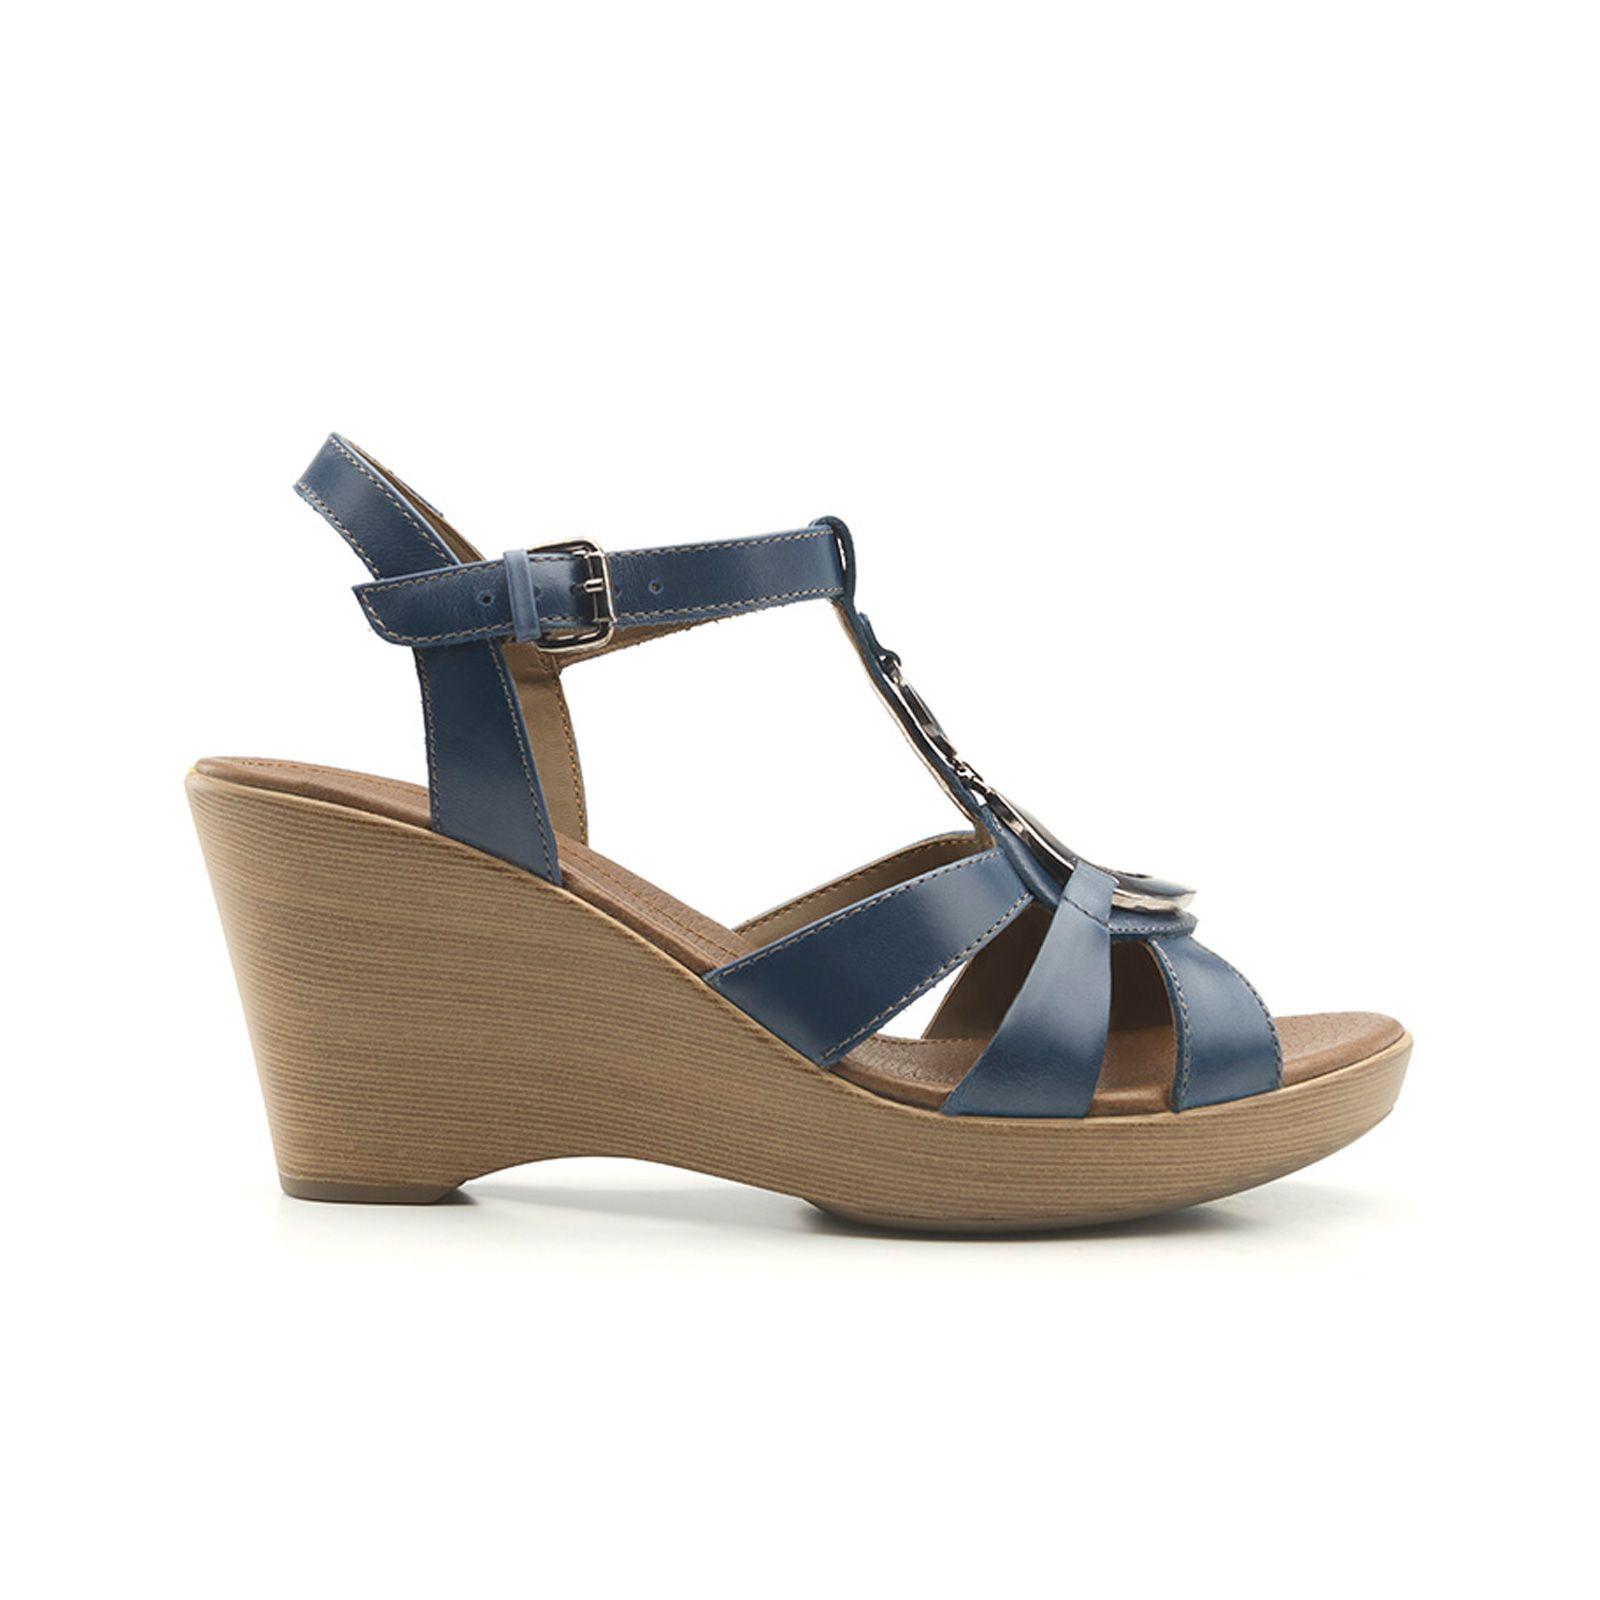 518e8cb4935 Estilo Flexi 20207 Azul -  shoes  zapatos  fashion  moda  goflexi  flexi   clothes  style  estilo  summer  spring  primavera  verano